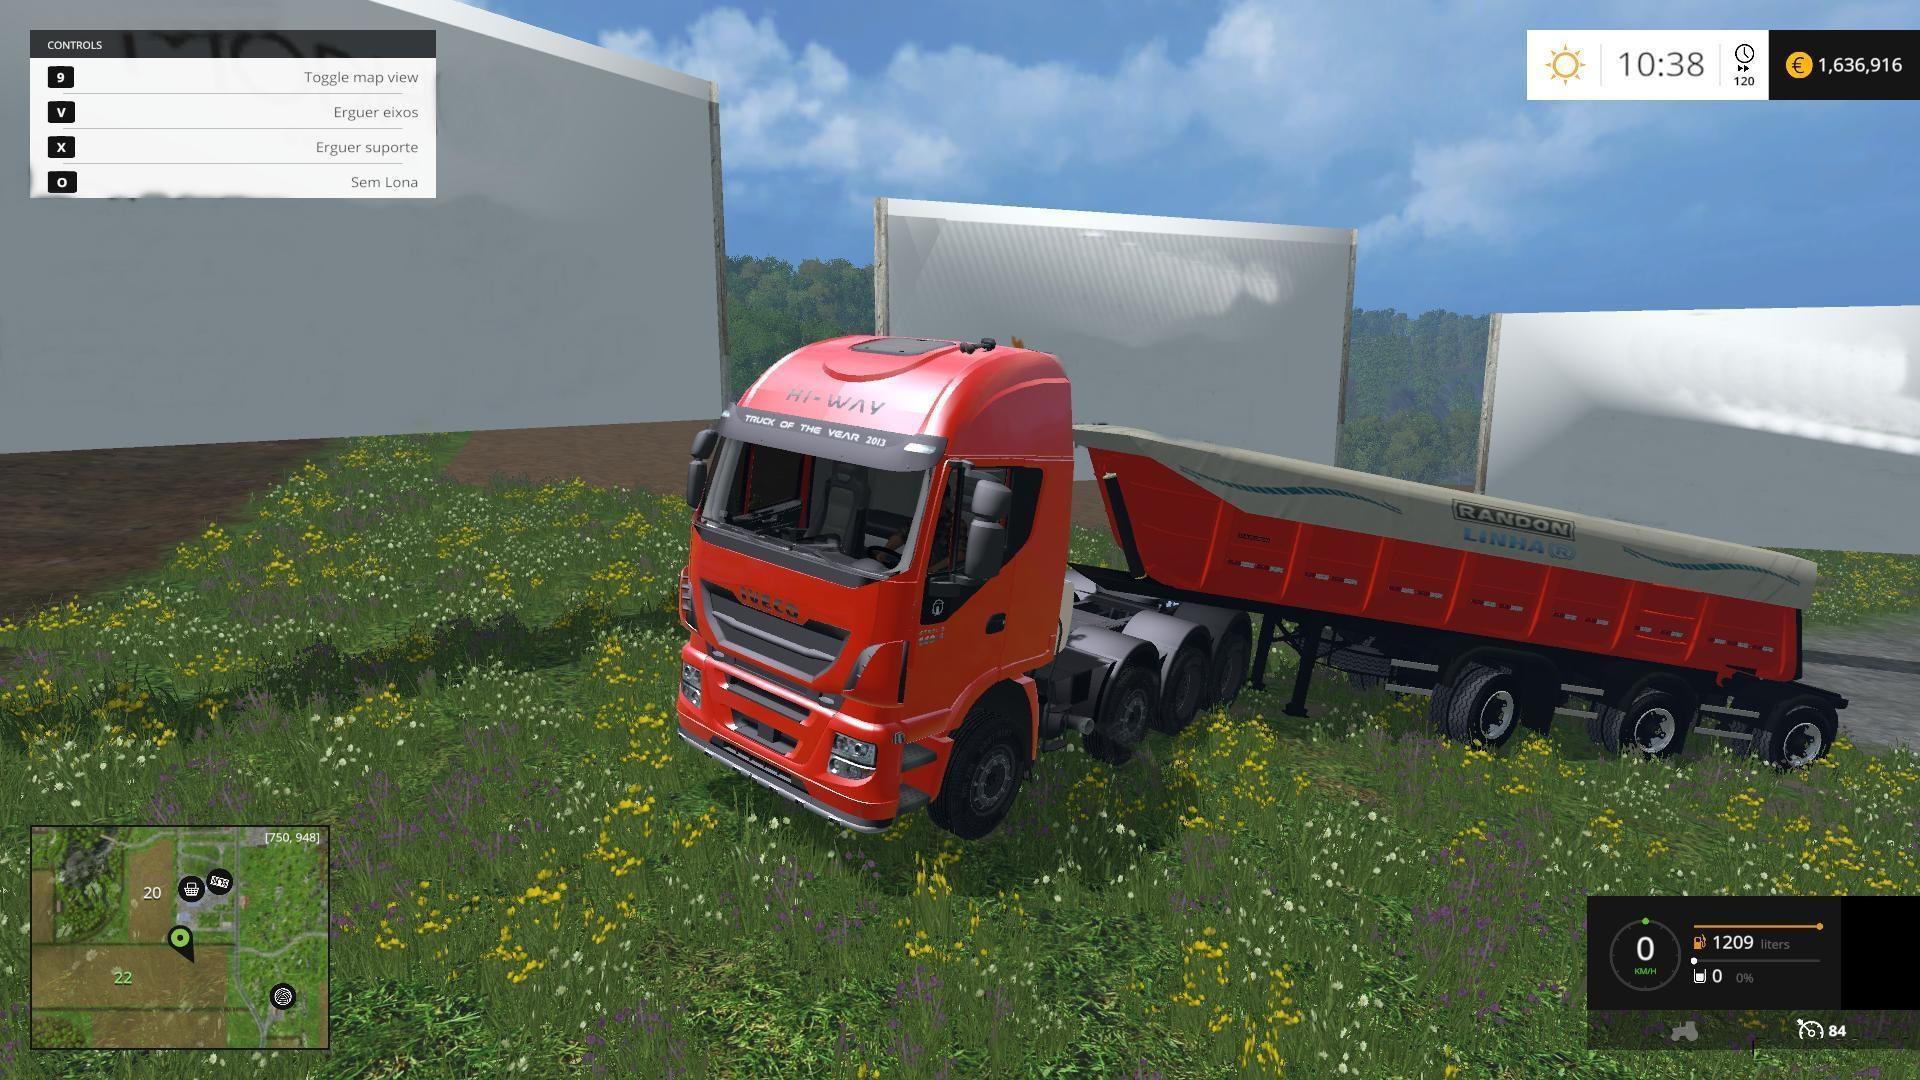 1424170565_iveco-stralis-560-8x4-trailer-v1_1-93